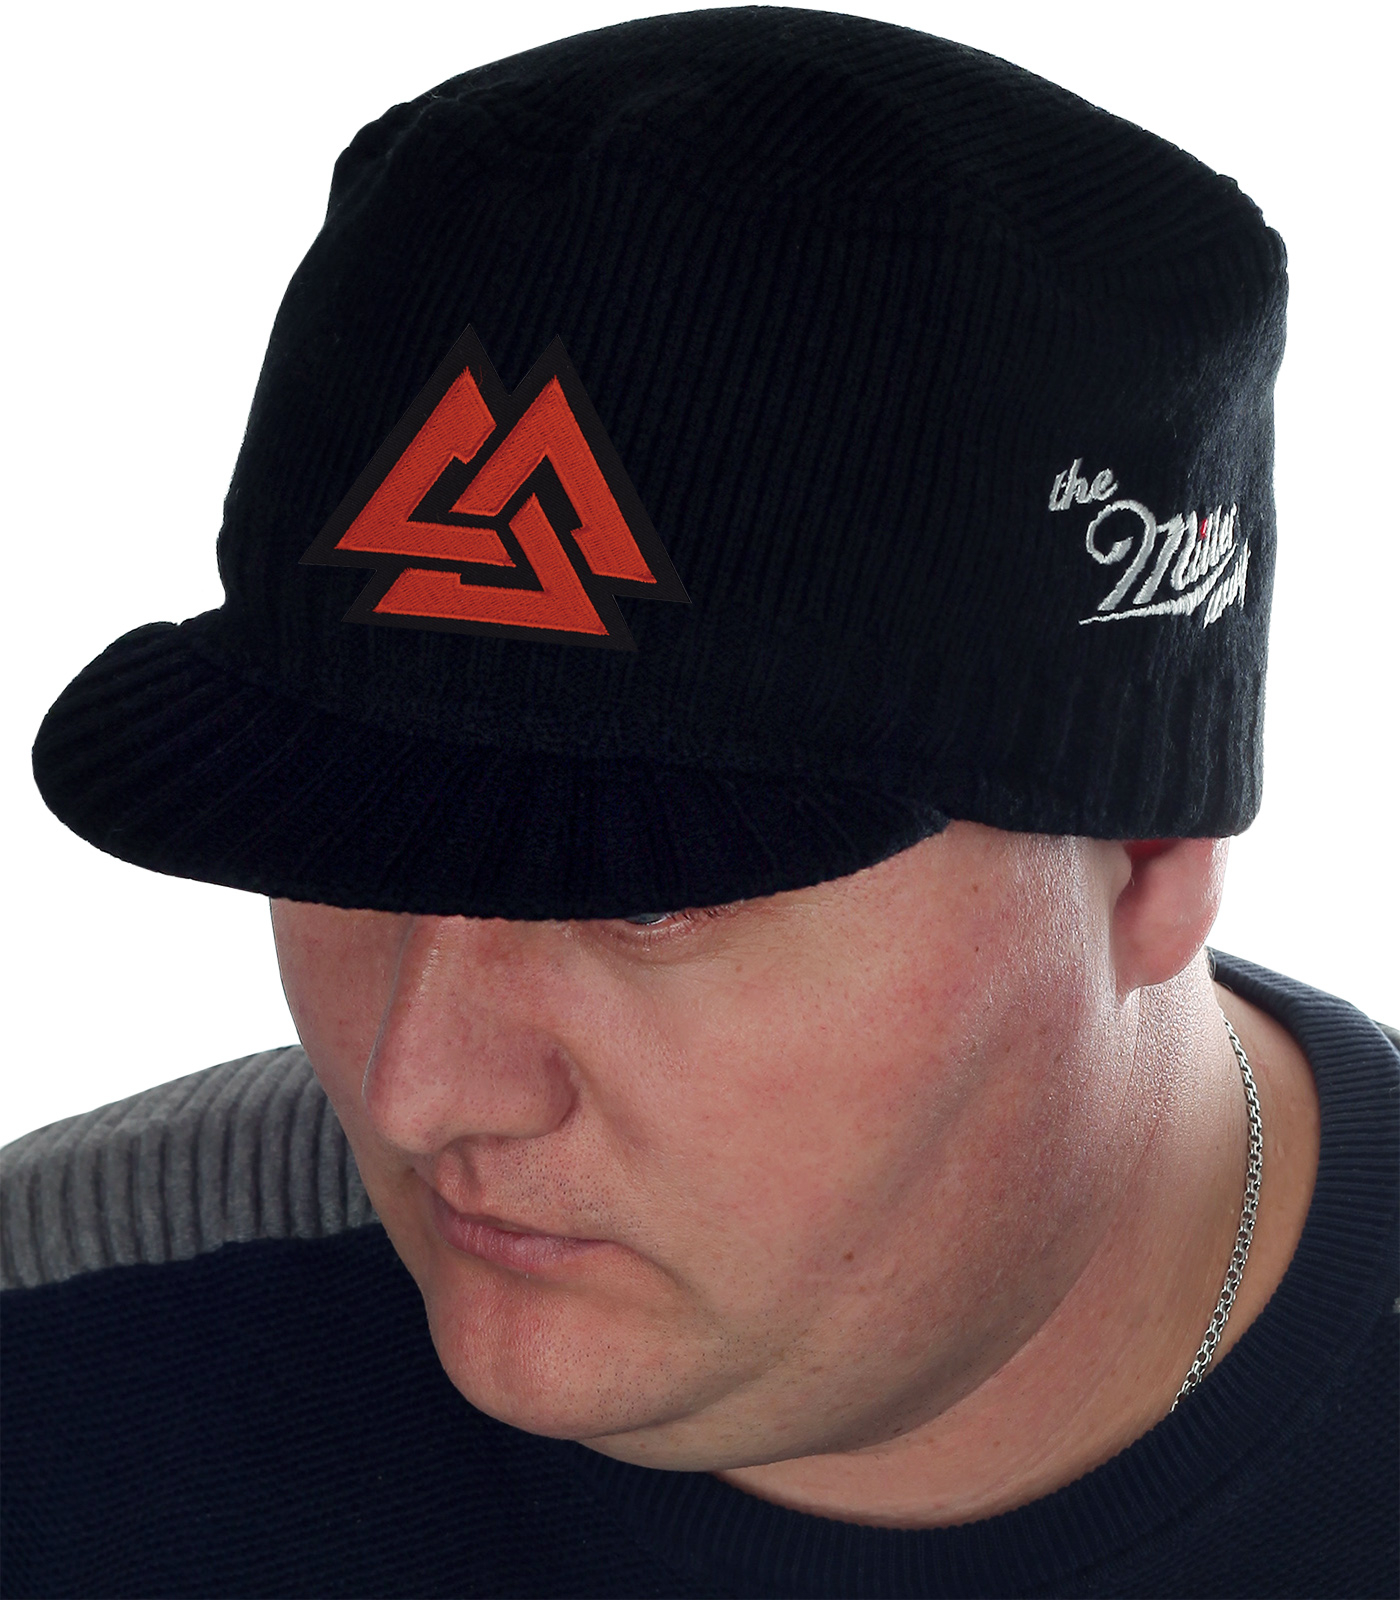 Модная мужская шапка Miller Way с древнескандинавским символом «Валькнут». Плотное волокно отлично согревает, а козырек защищает лицо и глаза от ветра и осадков. Ты полюбишь эту кепку!